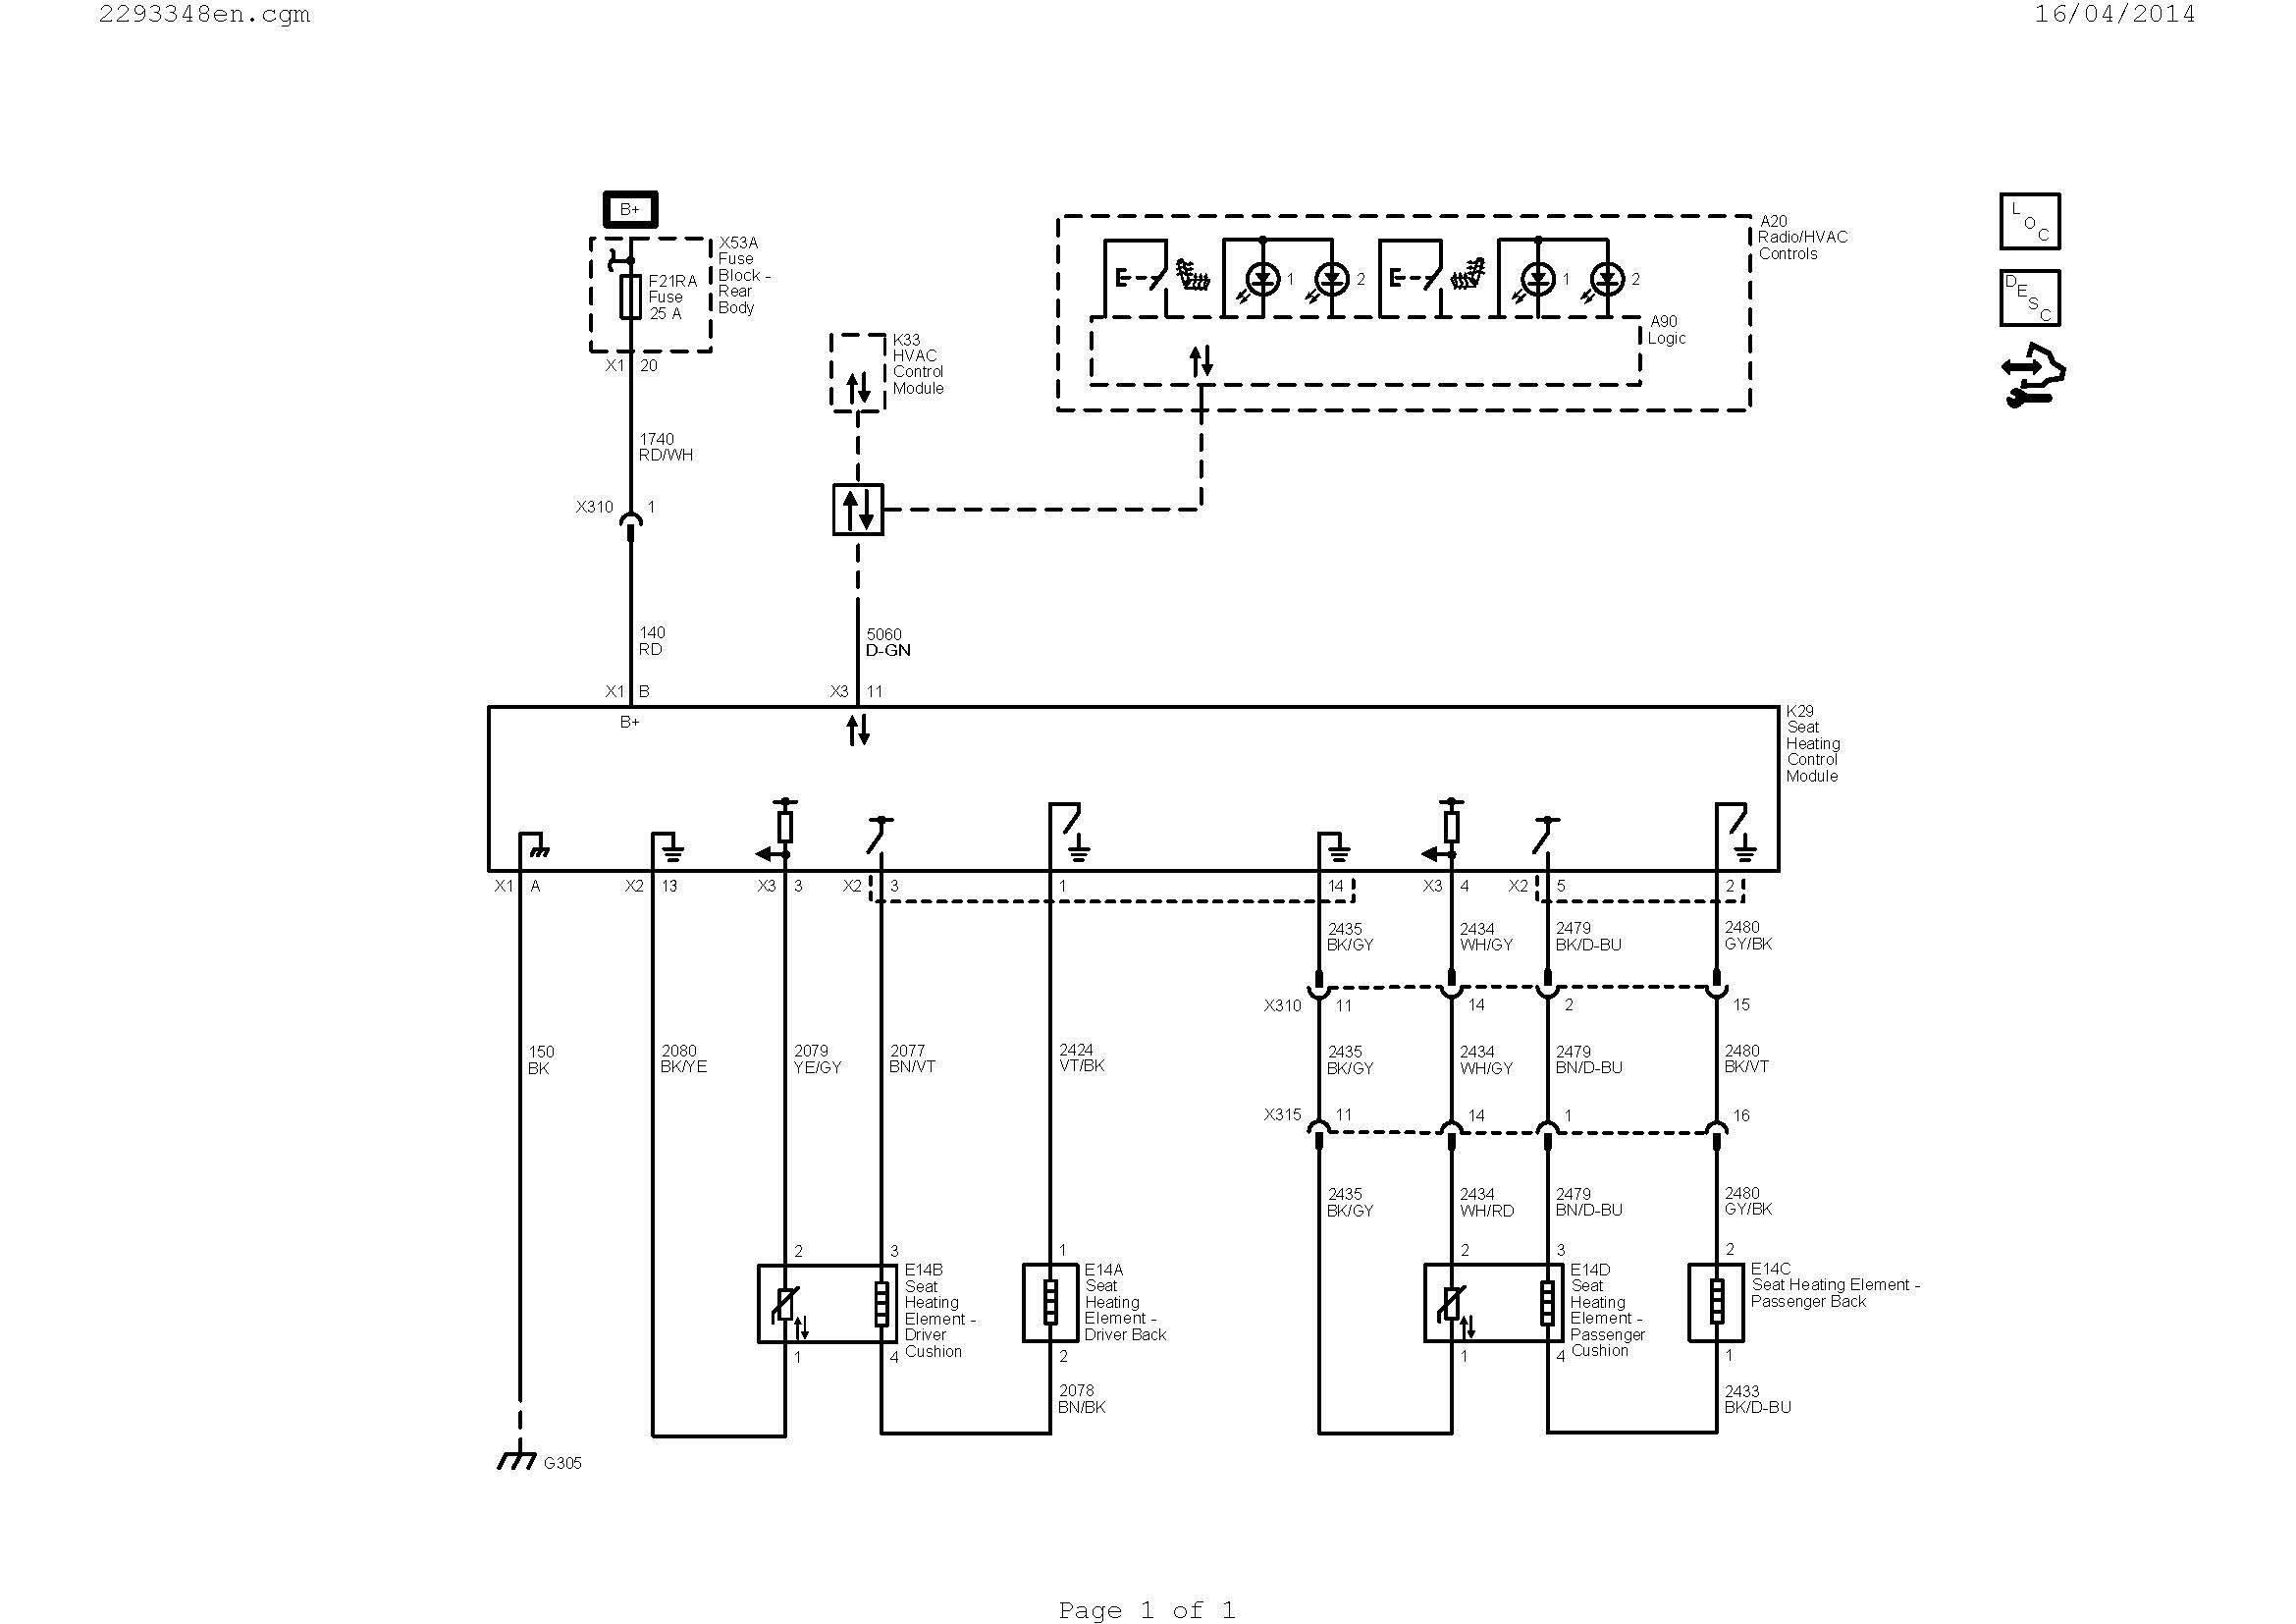 Cooling System Diagram Hvac Diagram Best Hvac Diagram 0d – Wire Diagram Of Cooling System Diagram